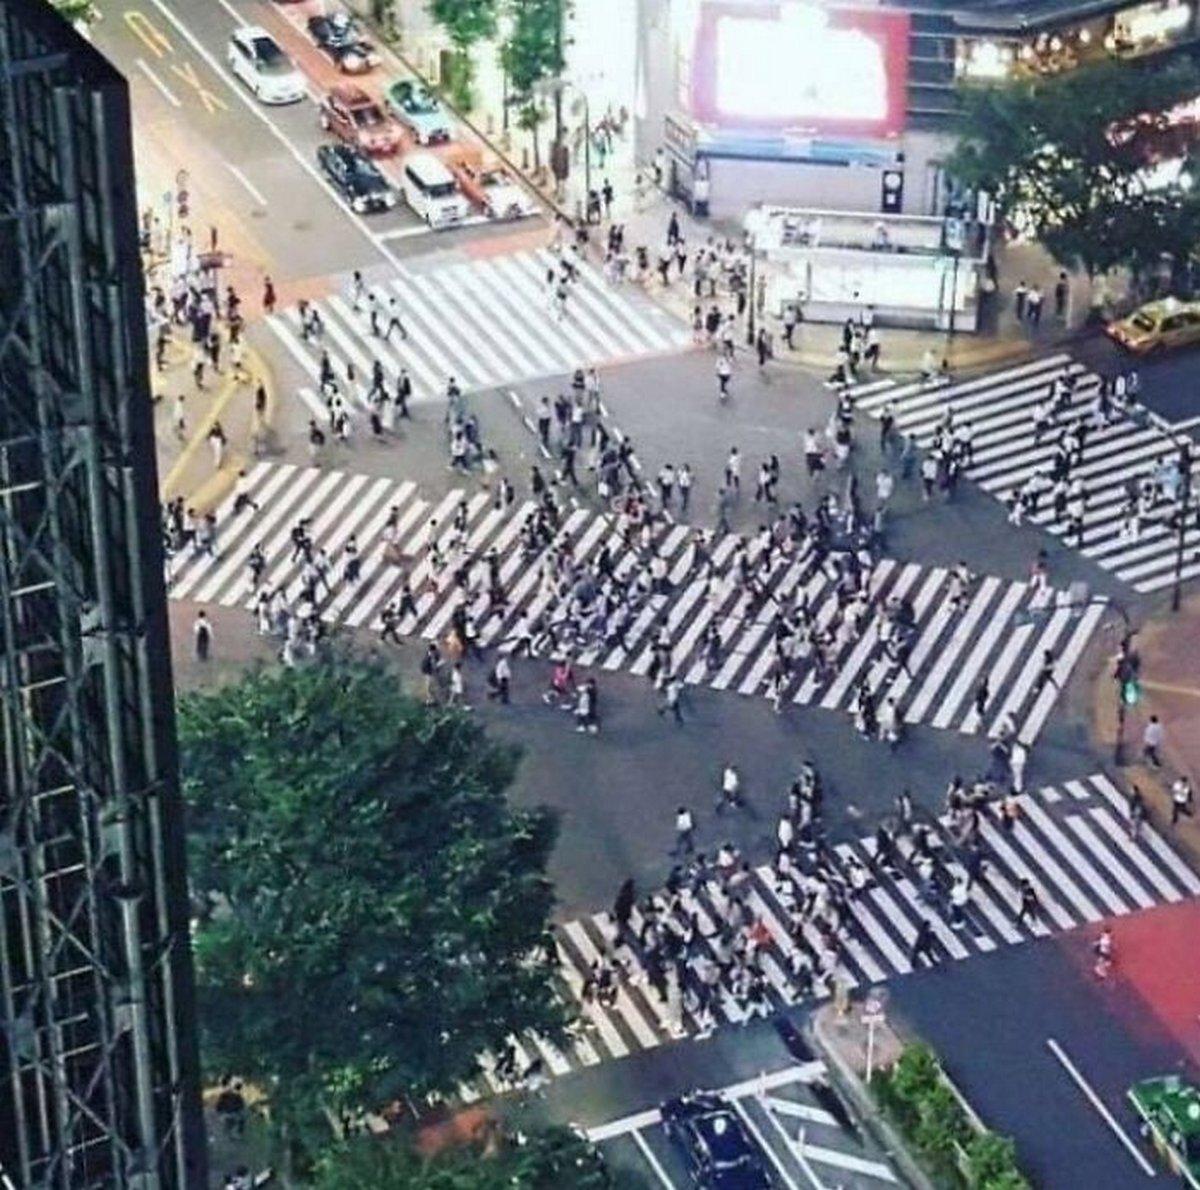 Ces faits prouvent que le Japon n'est pas un pays comme les autres